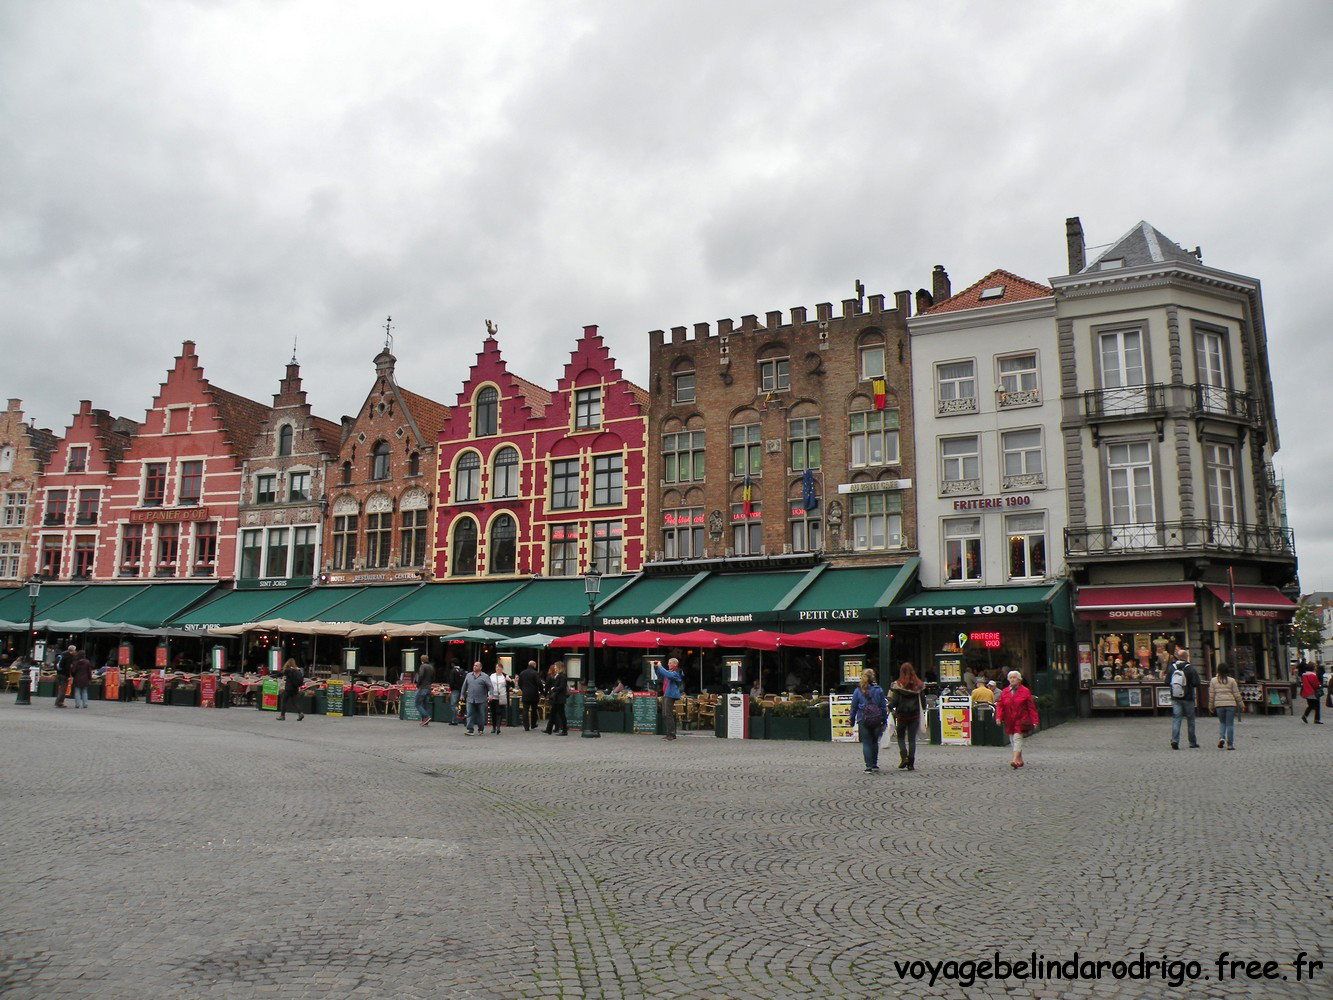 Place du Markt - Bruges